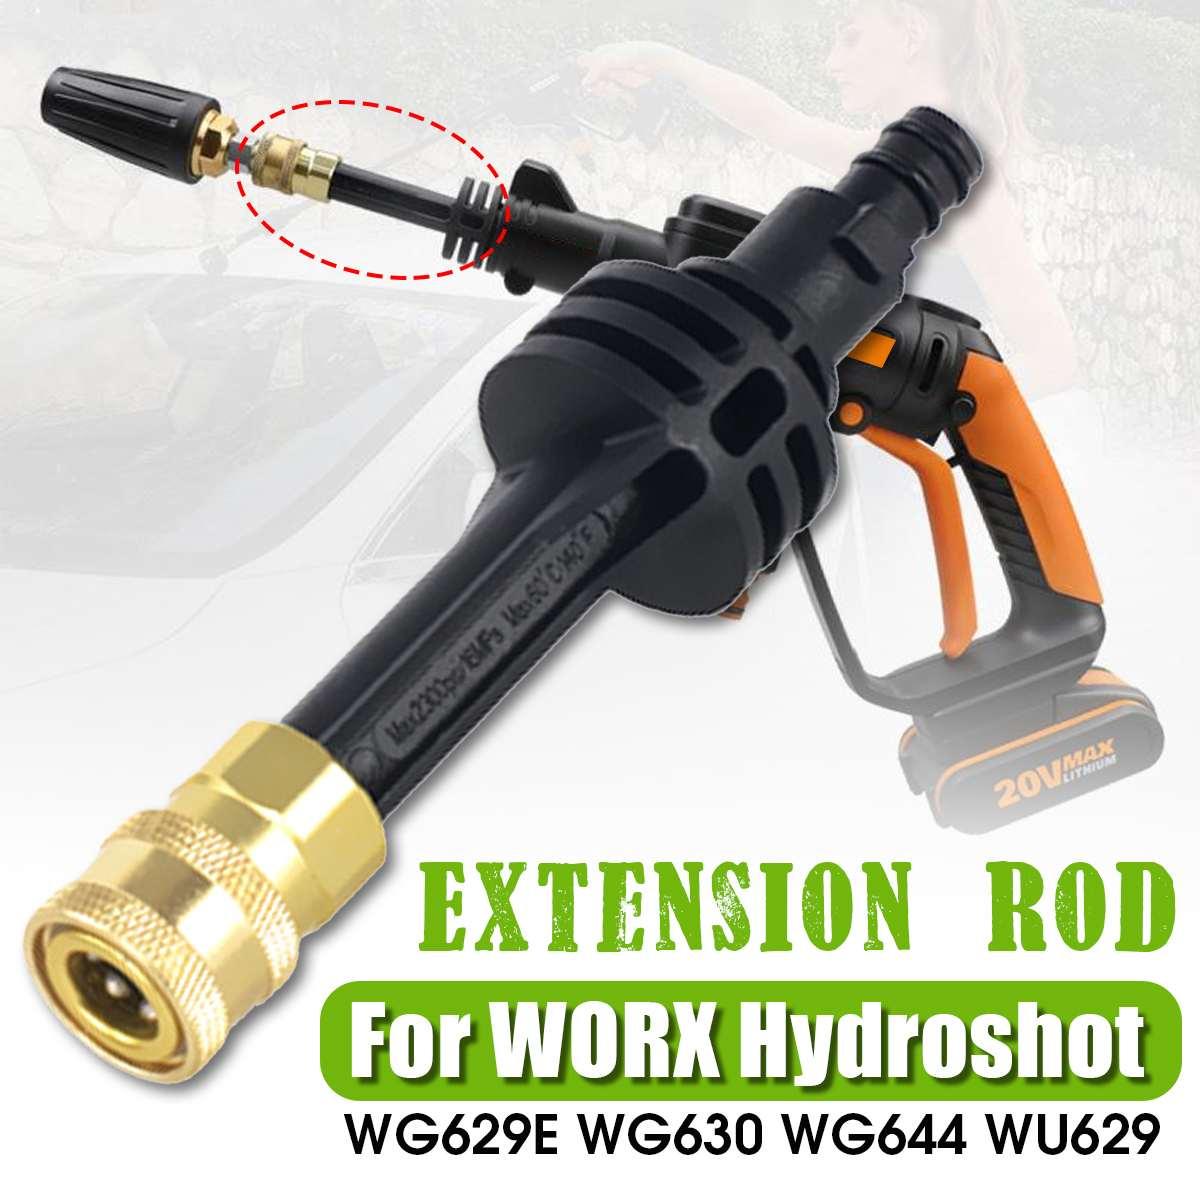 Worx Hydroshot Wg629e Wg630 Wg644 Wu629